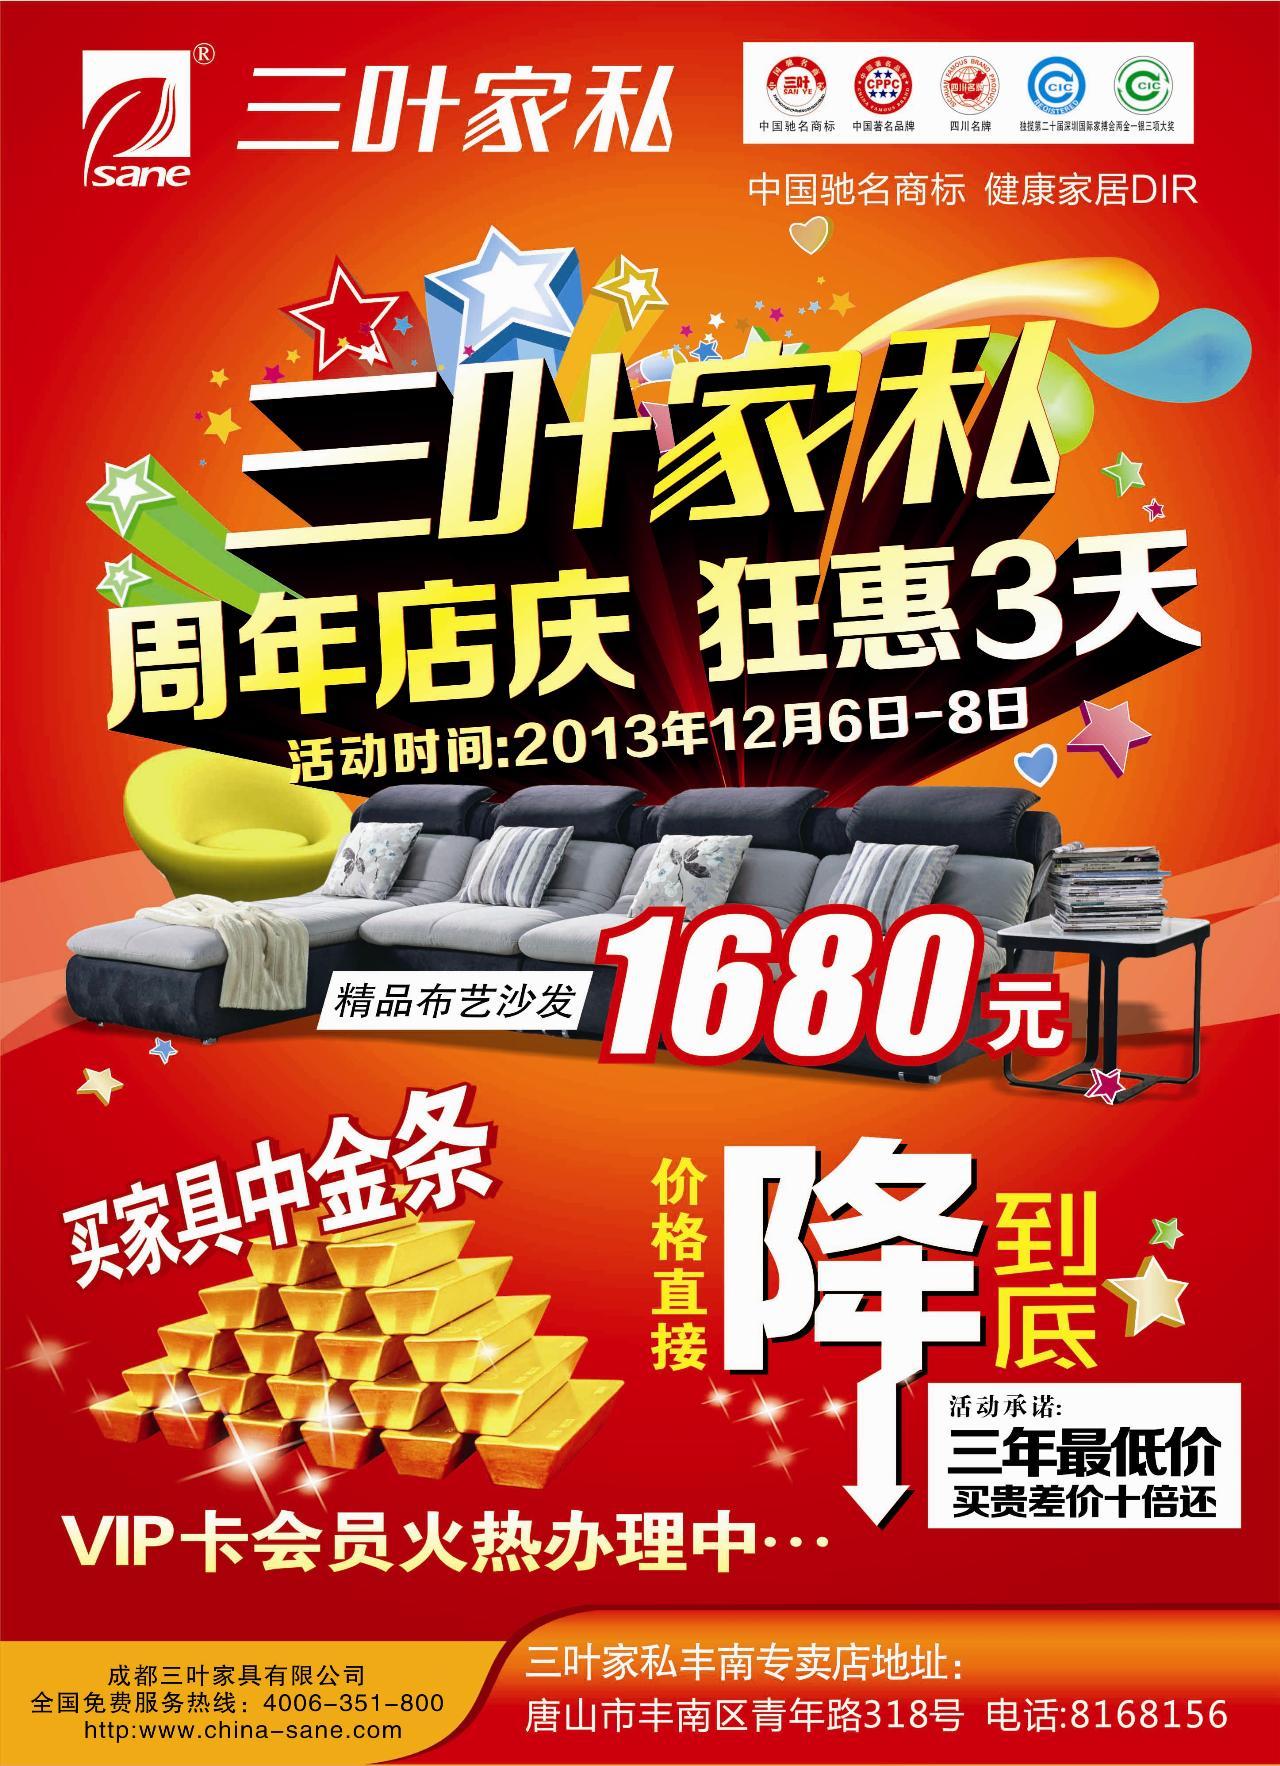 澳辉科洛尼有不少这种家具中秋节国庆节周年店庆促销方案该怎么做答